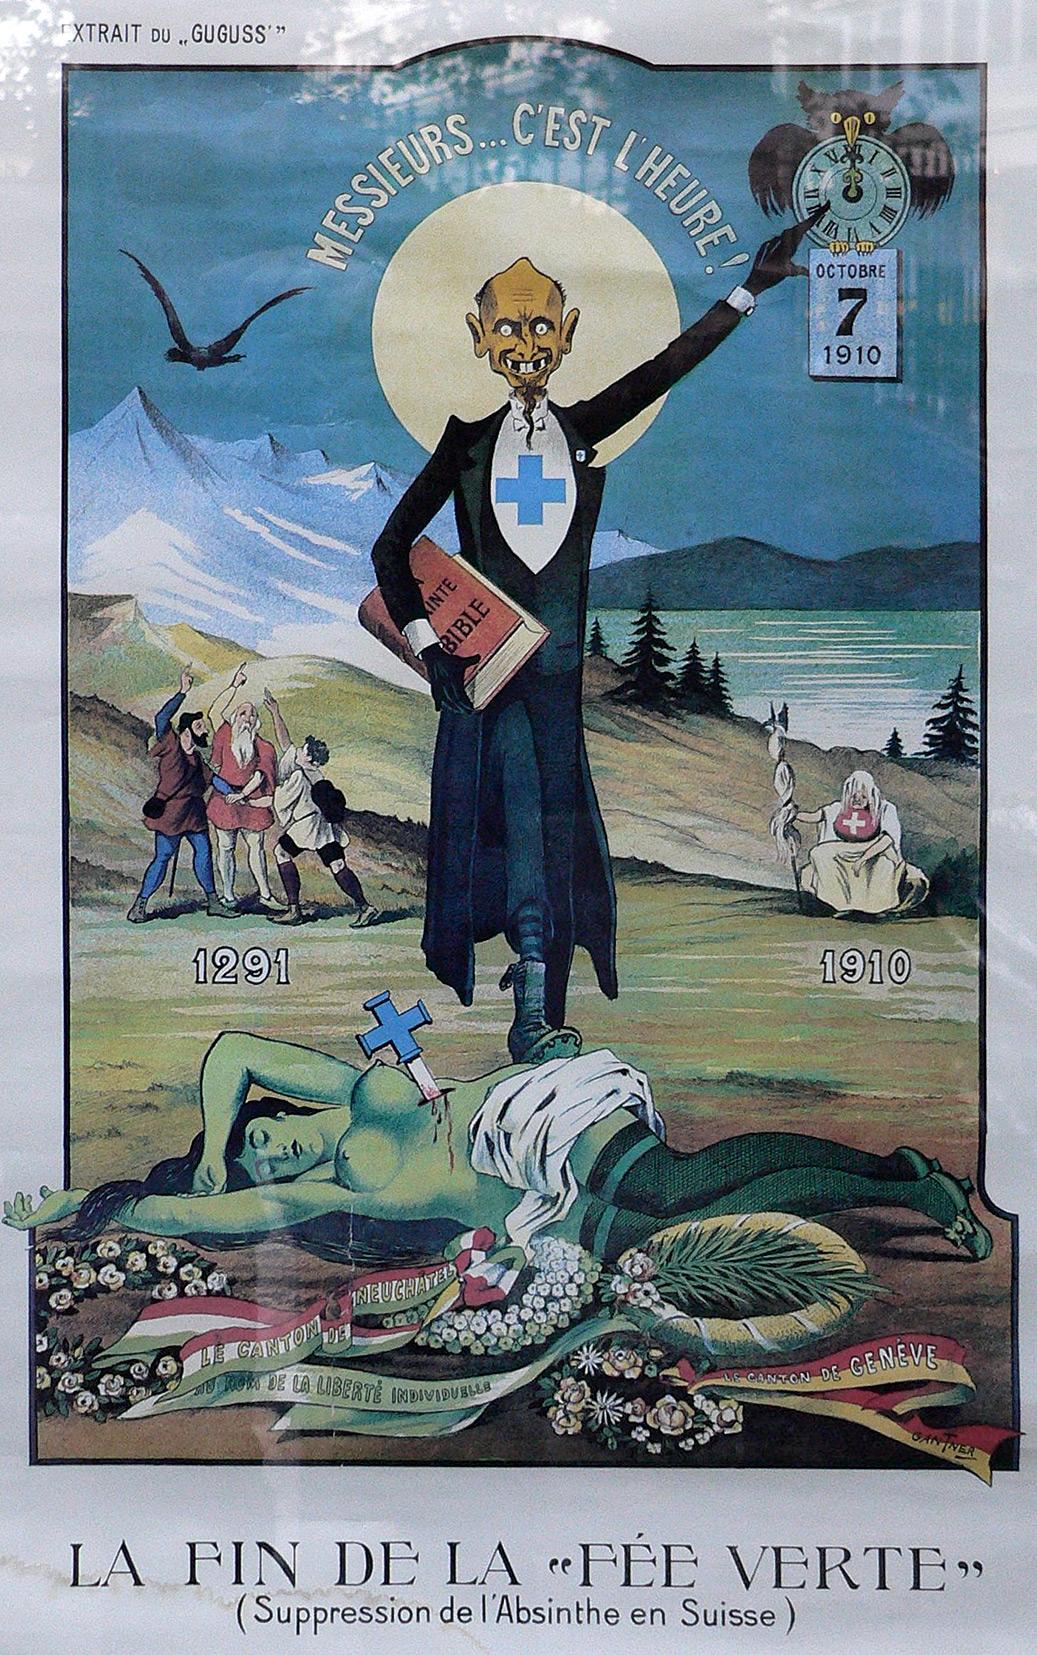 1910 wurde Absinth in der Schweiz verboten